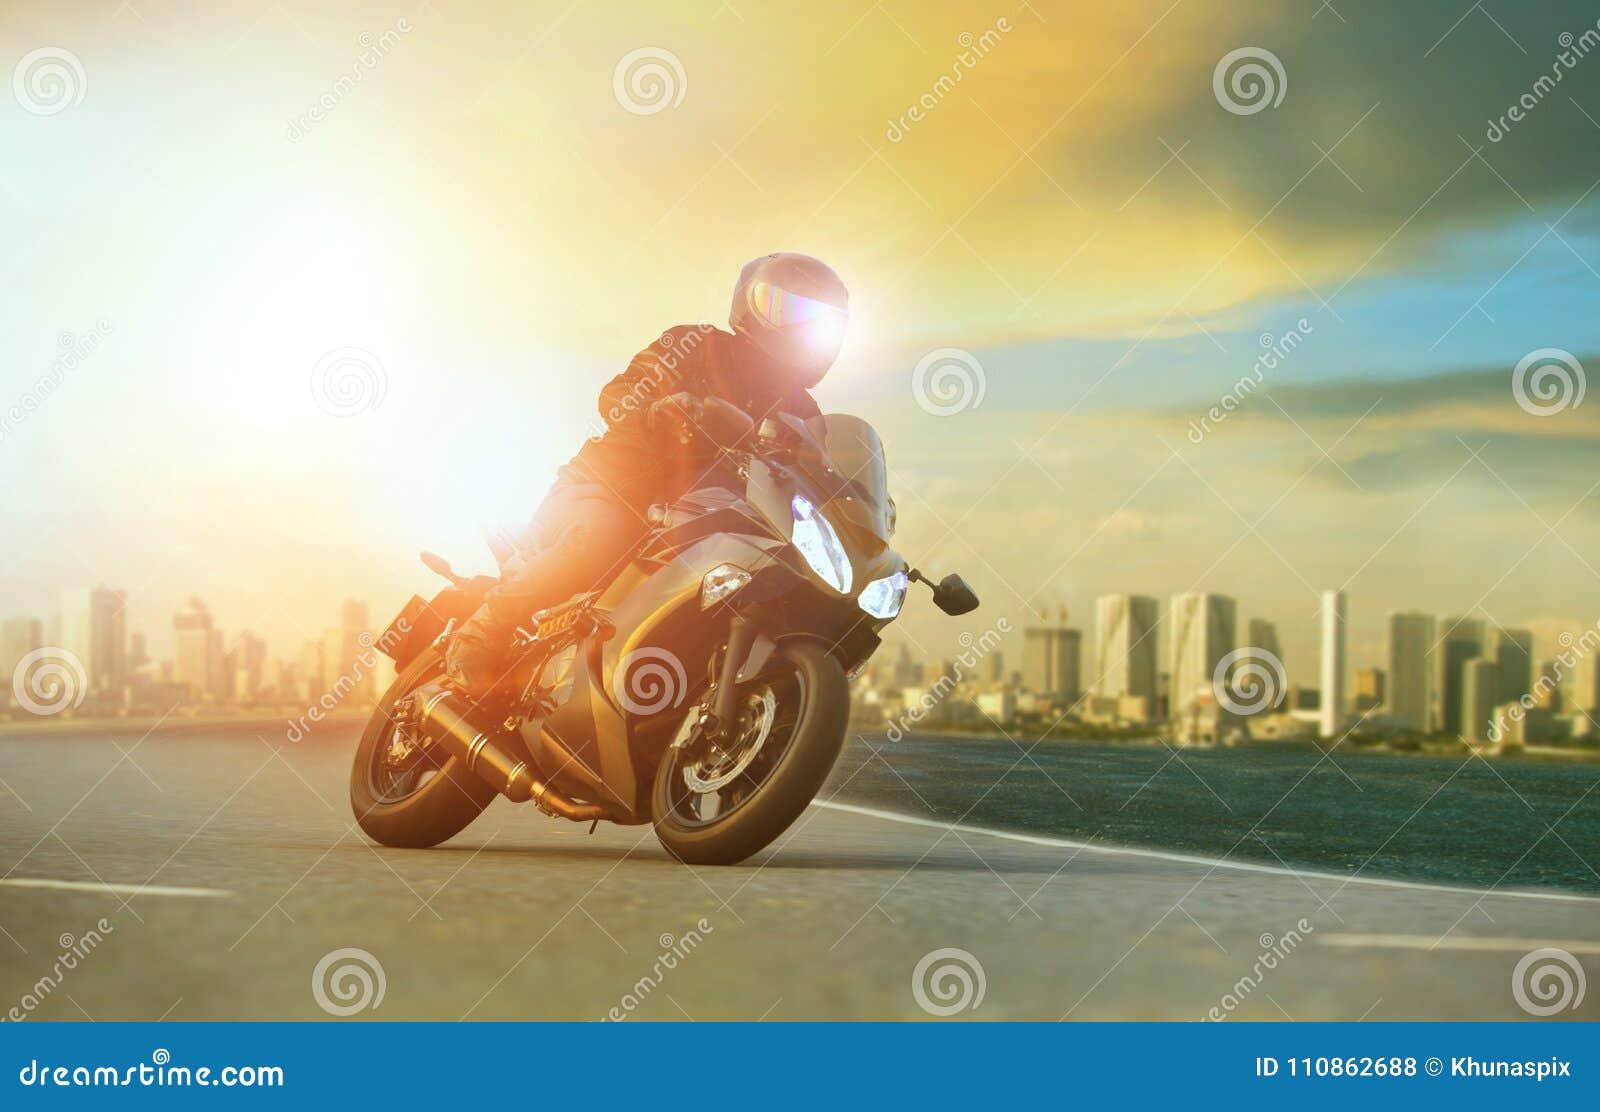 Młody człowiek jedzie dużego motocykl opiera na ostrze krzywie z urba